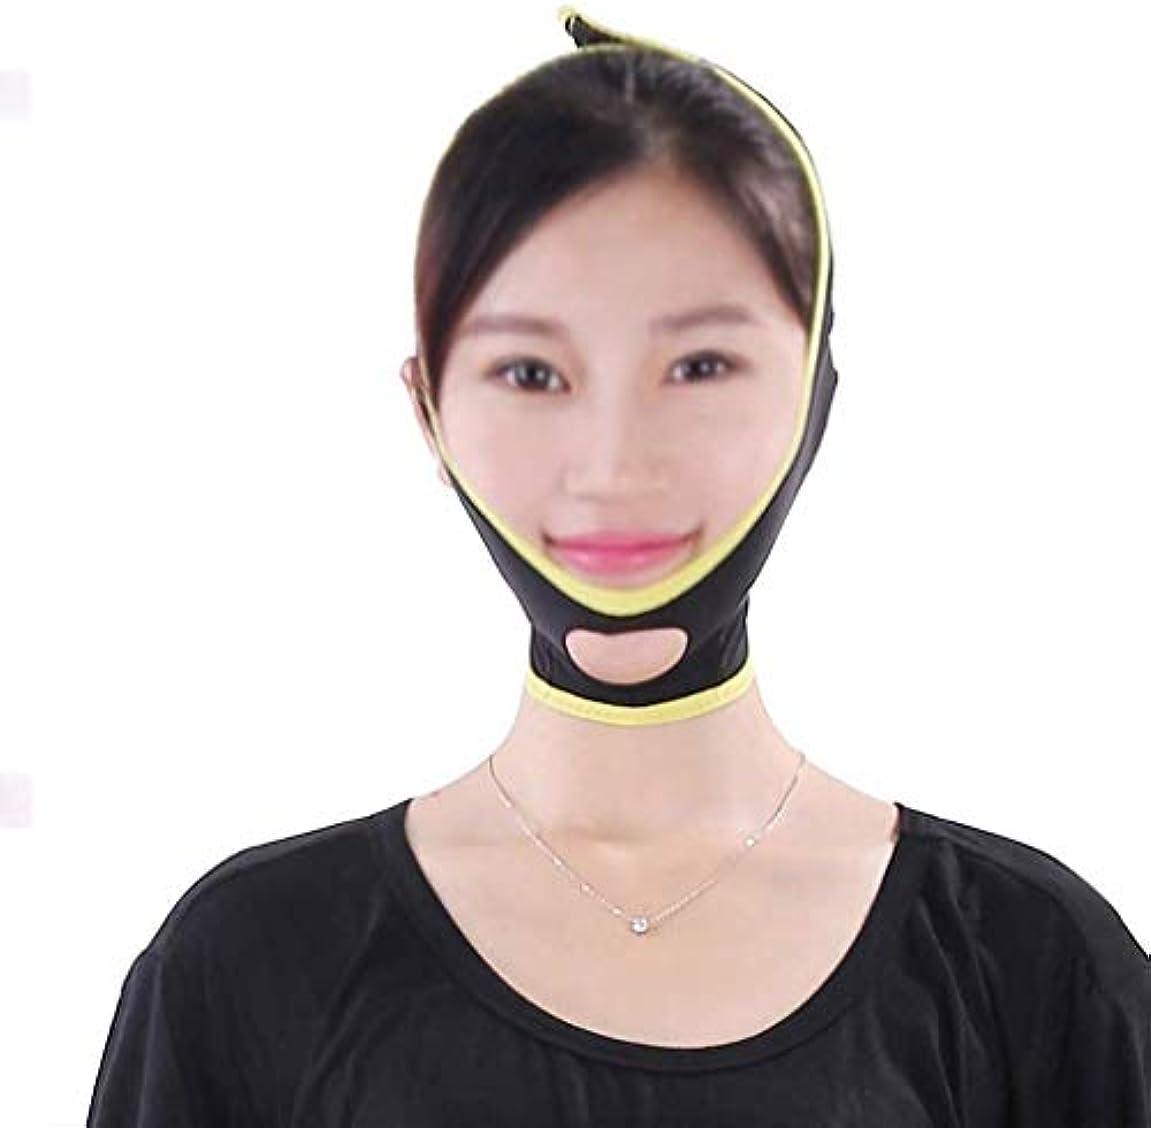 取り消す気球費やすVフェイスマスク、フェイシャルマスク、男性と女性の顔リフティングアーティファクト包帯美容リフティング引き締めサイズV顔ダブルチン睡眠マスク埋め込みシルク彫刻スリミングベルト(サイズ:L)